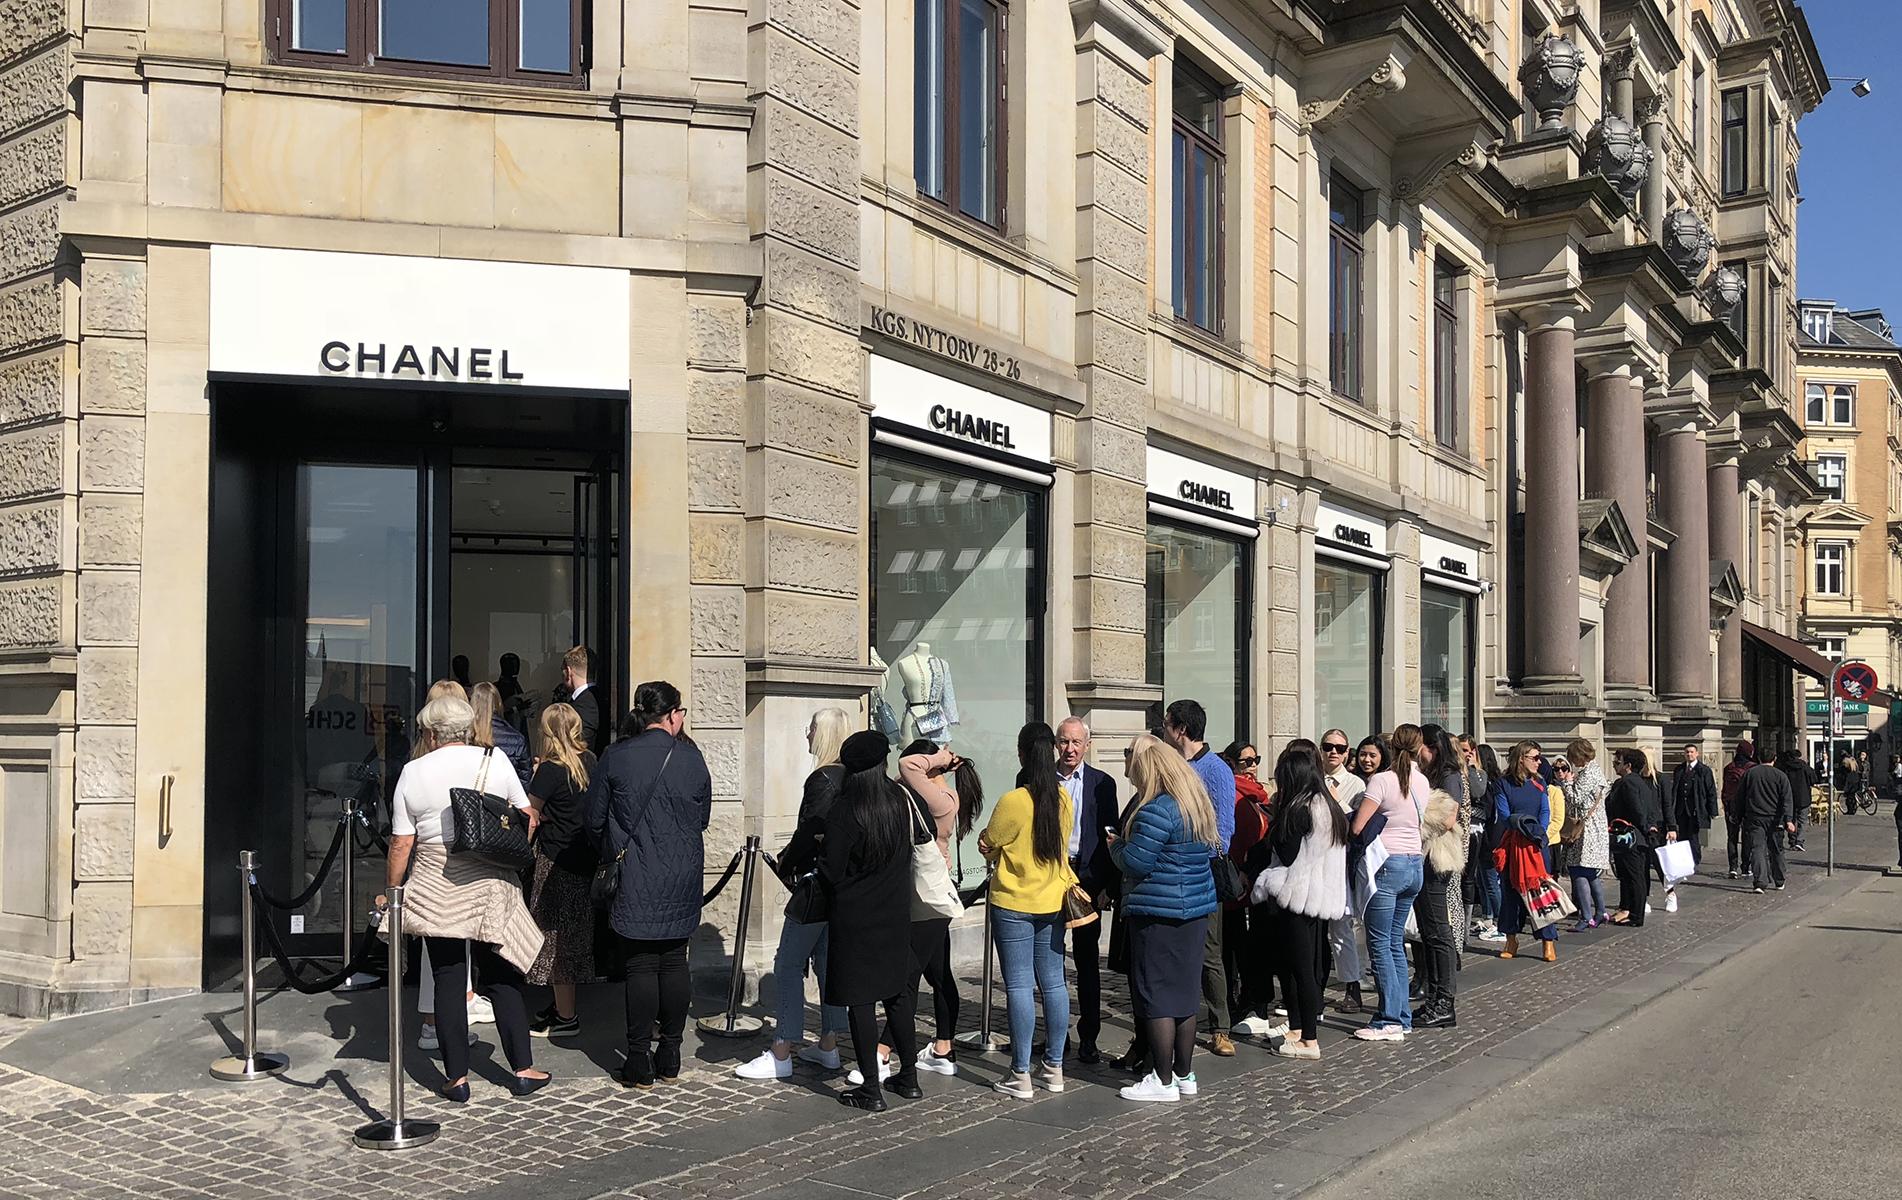 Chanel, købehavn, kongens nytorv, coco chanel, shopping, mode, fashion, butik